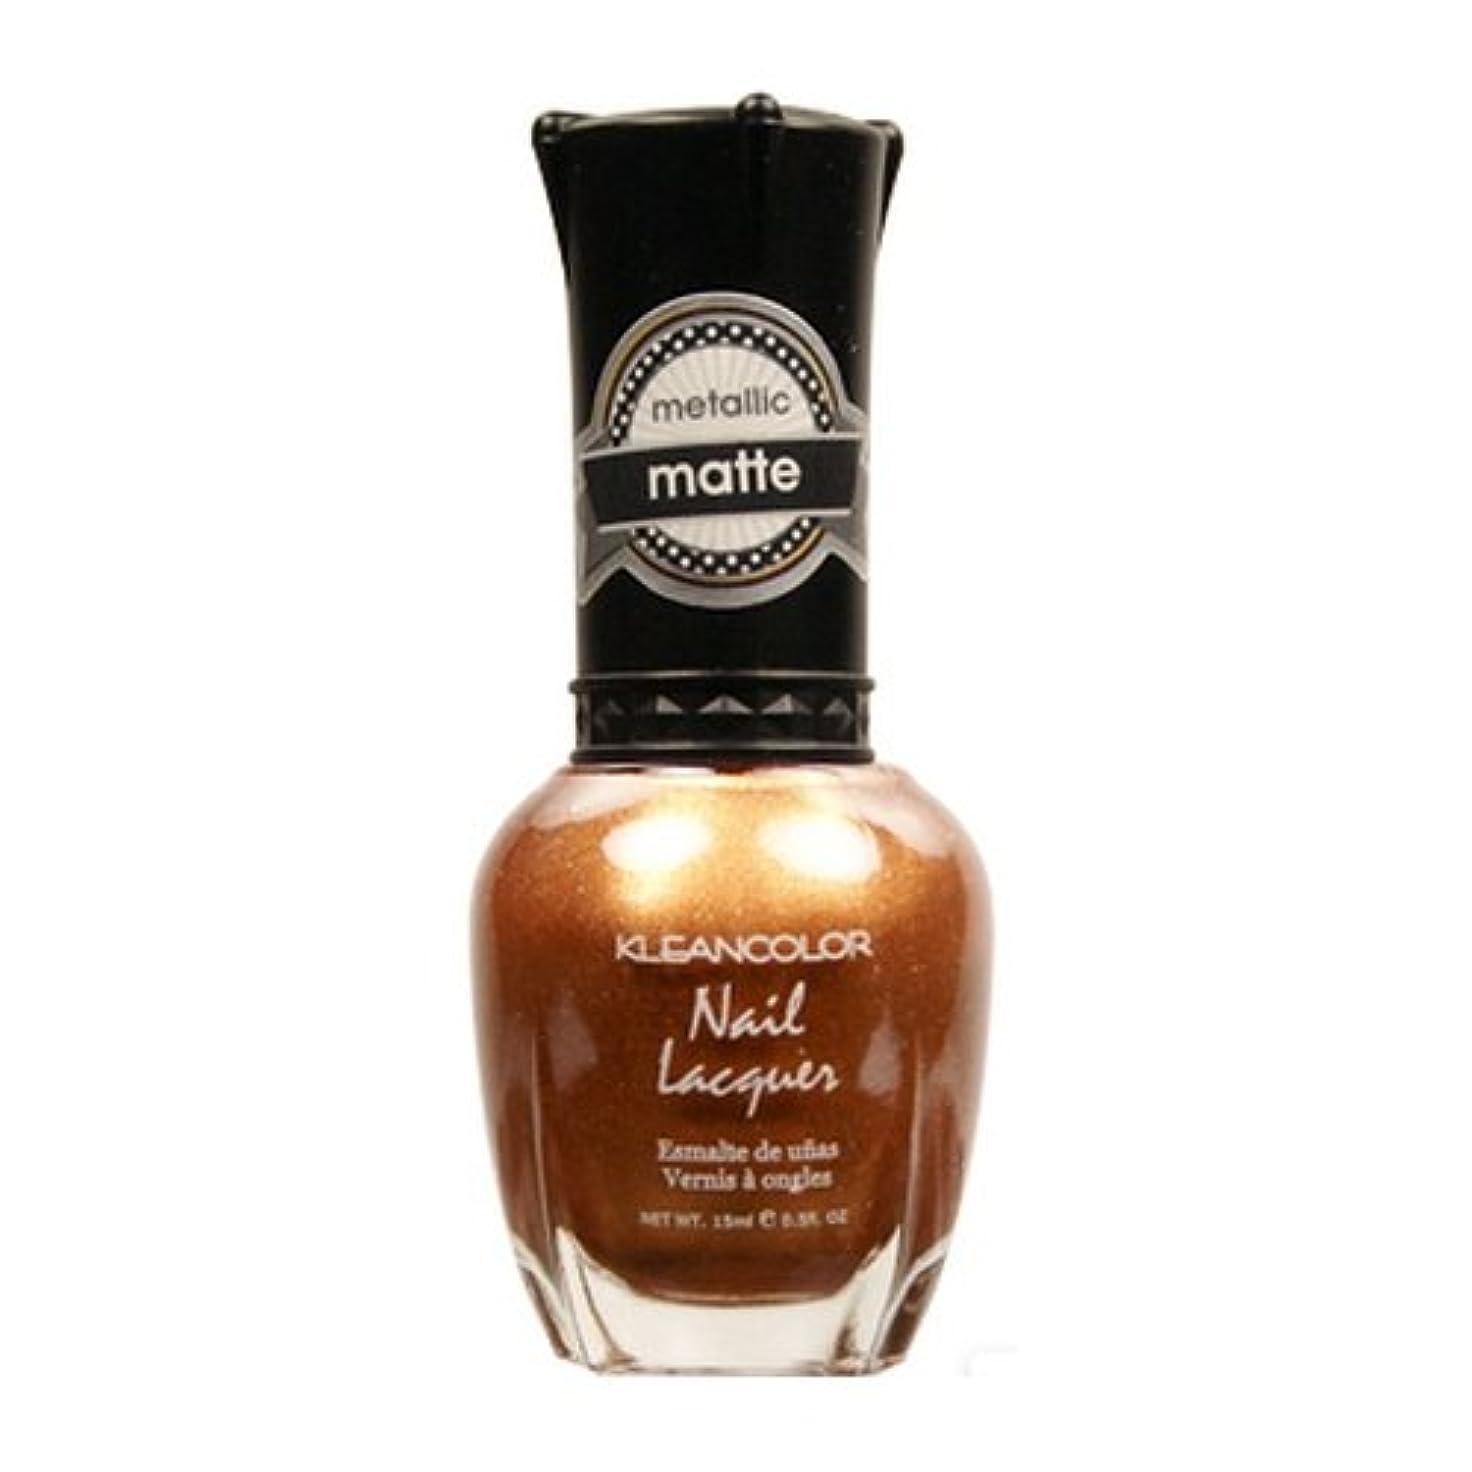 近代化ビュッフェつぶやき(6 Pack) KLEANCOLOR Matte Nail Lacquer - Life in Gold Castle (並行輸入品)